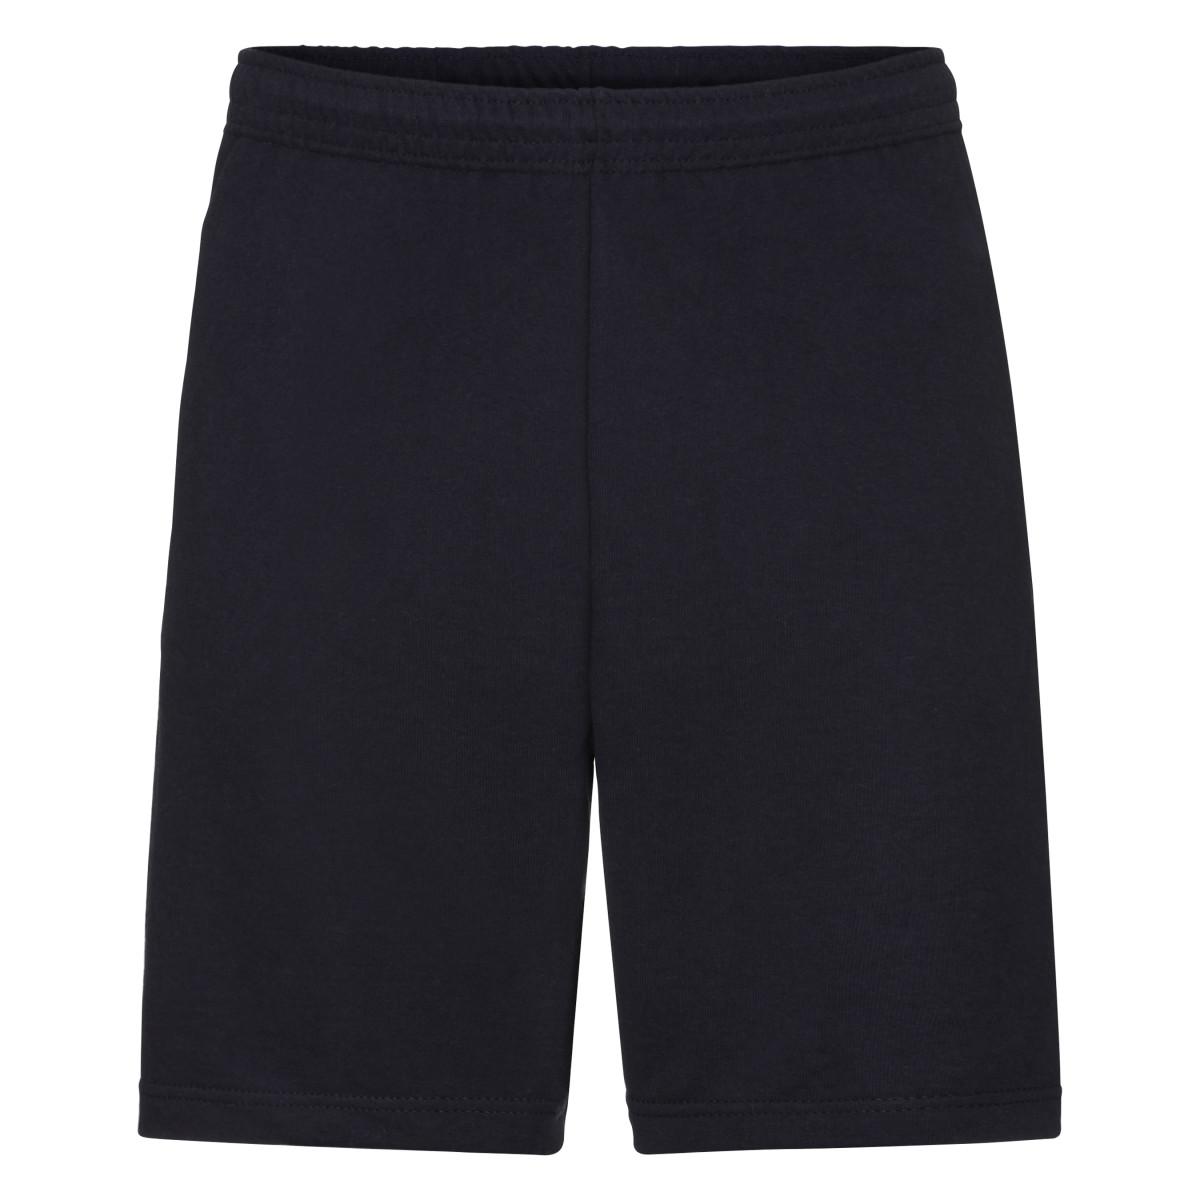 FOTL Men's Lightweight Shorts